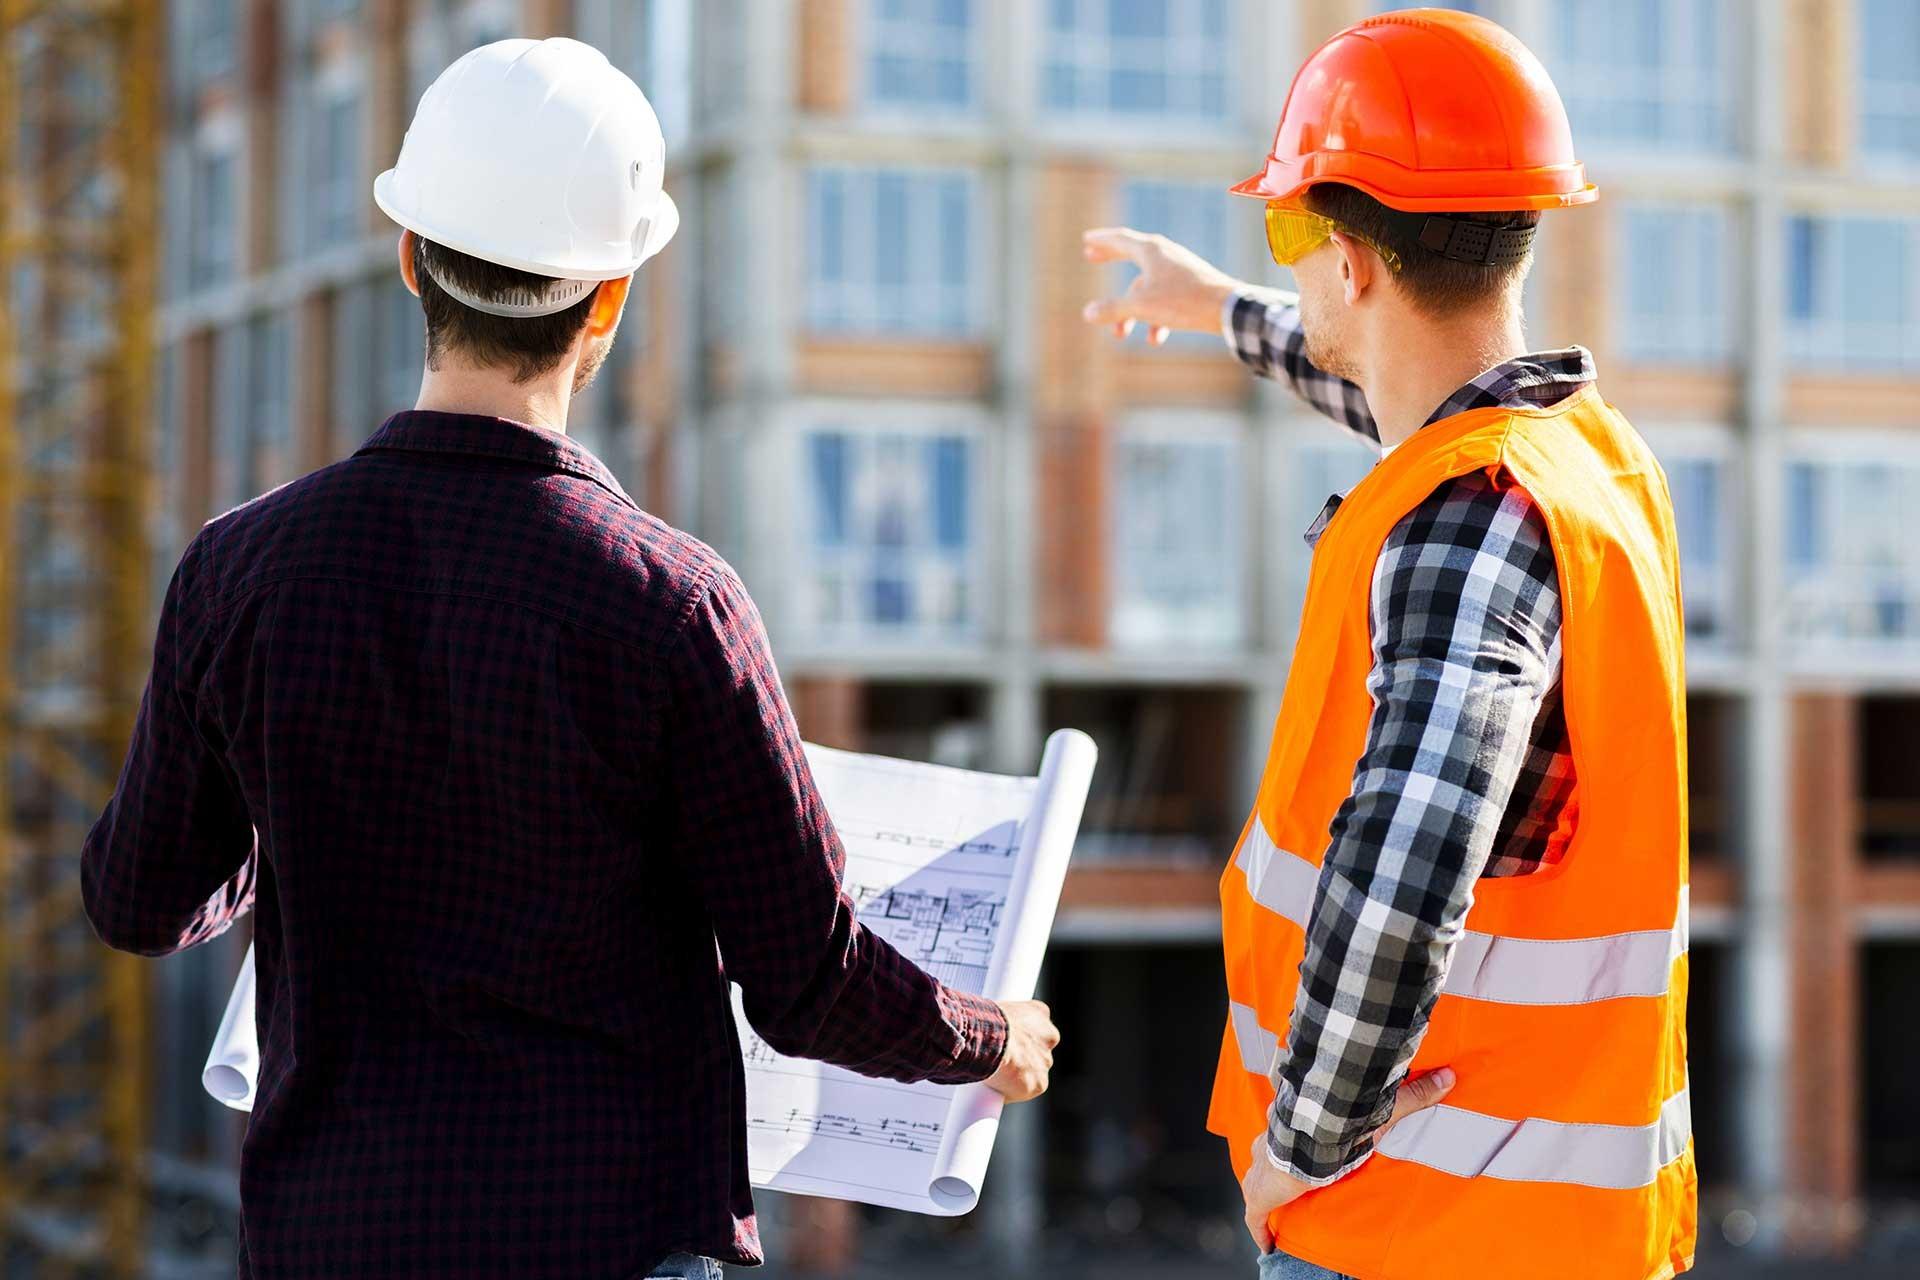 Genç mühendisler işsiz: İstihdam az, mühendis çok! - Evrensel